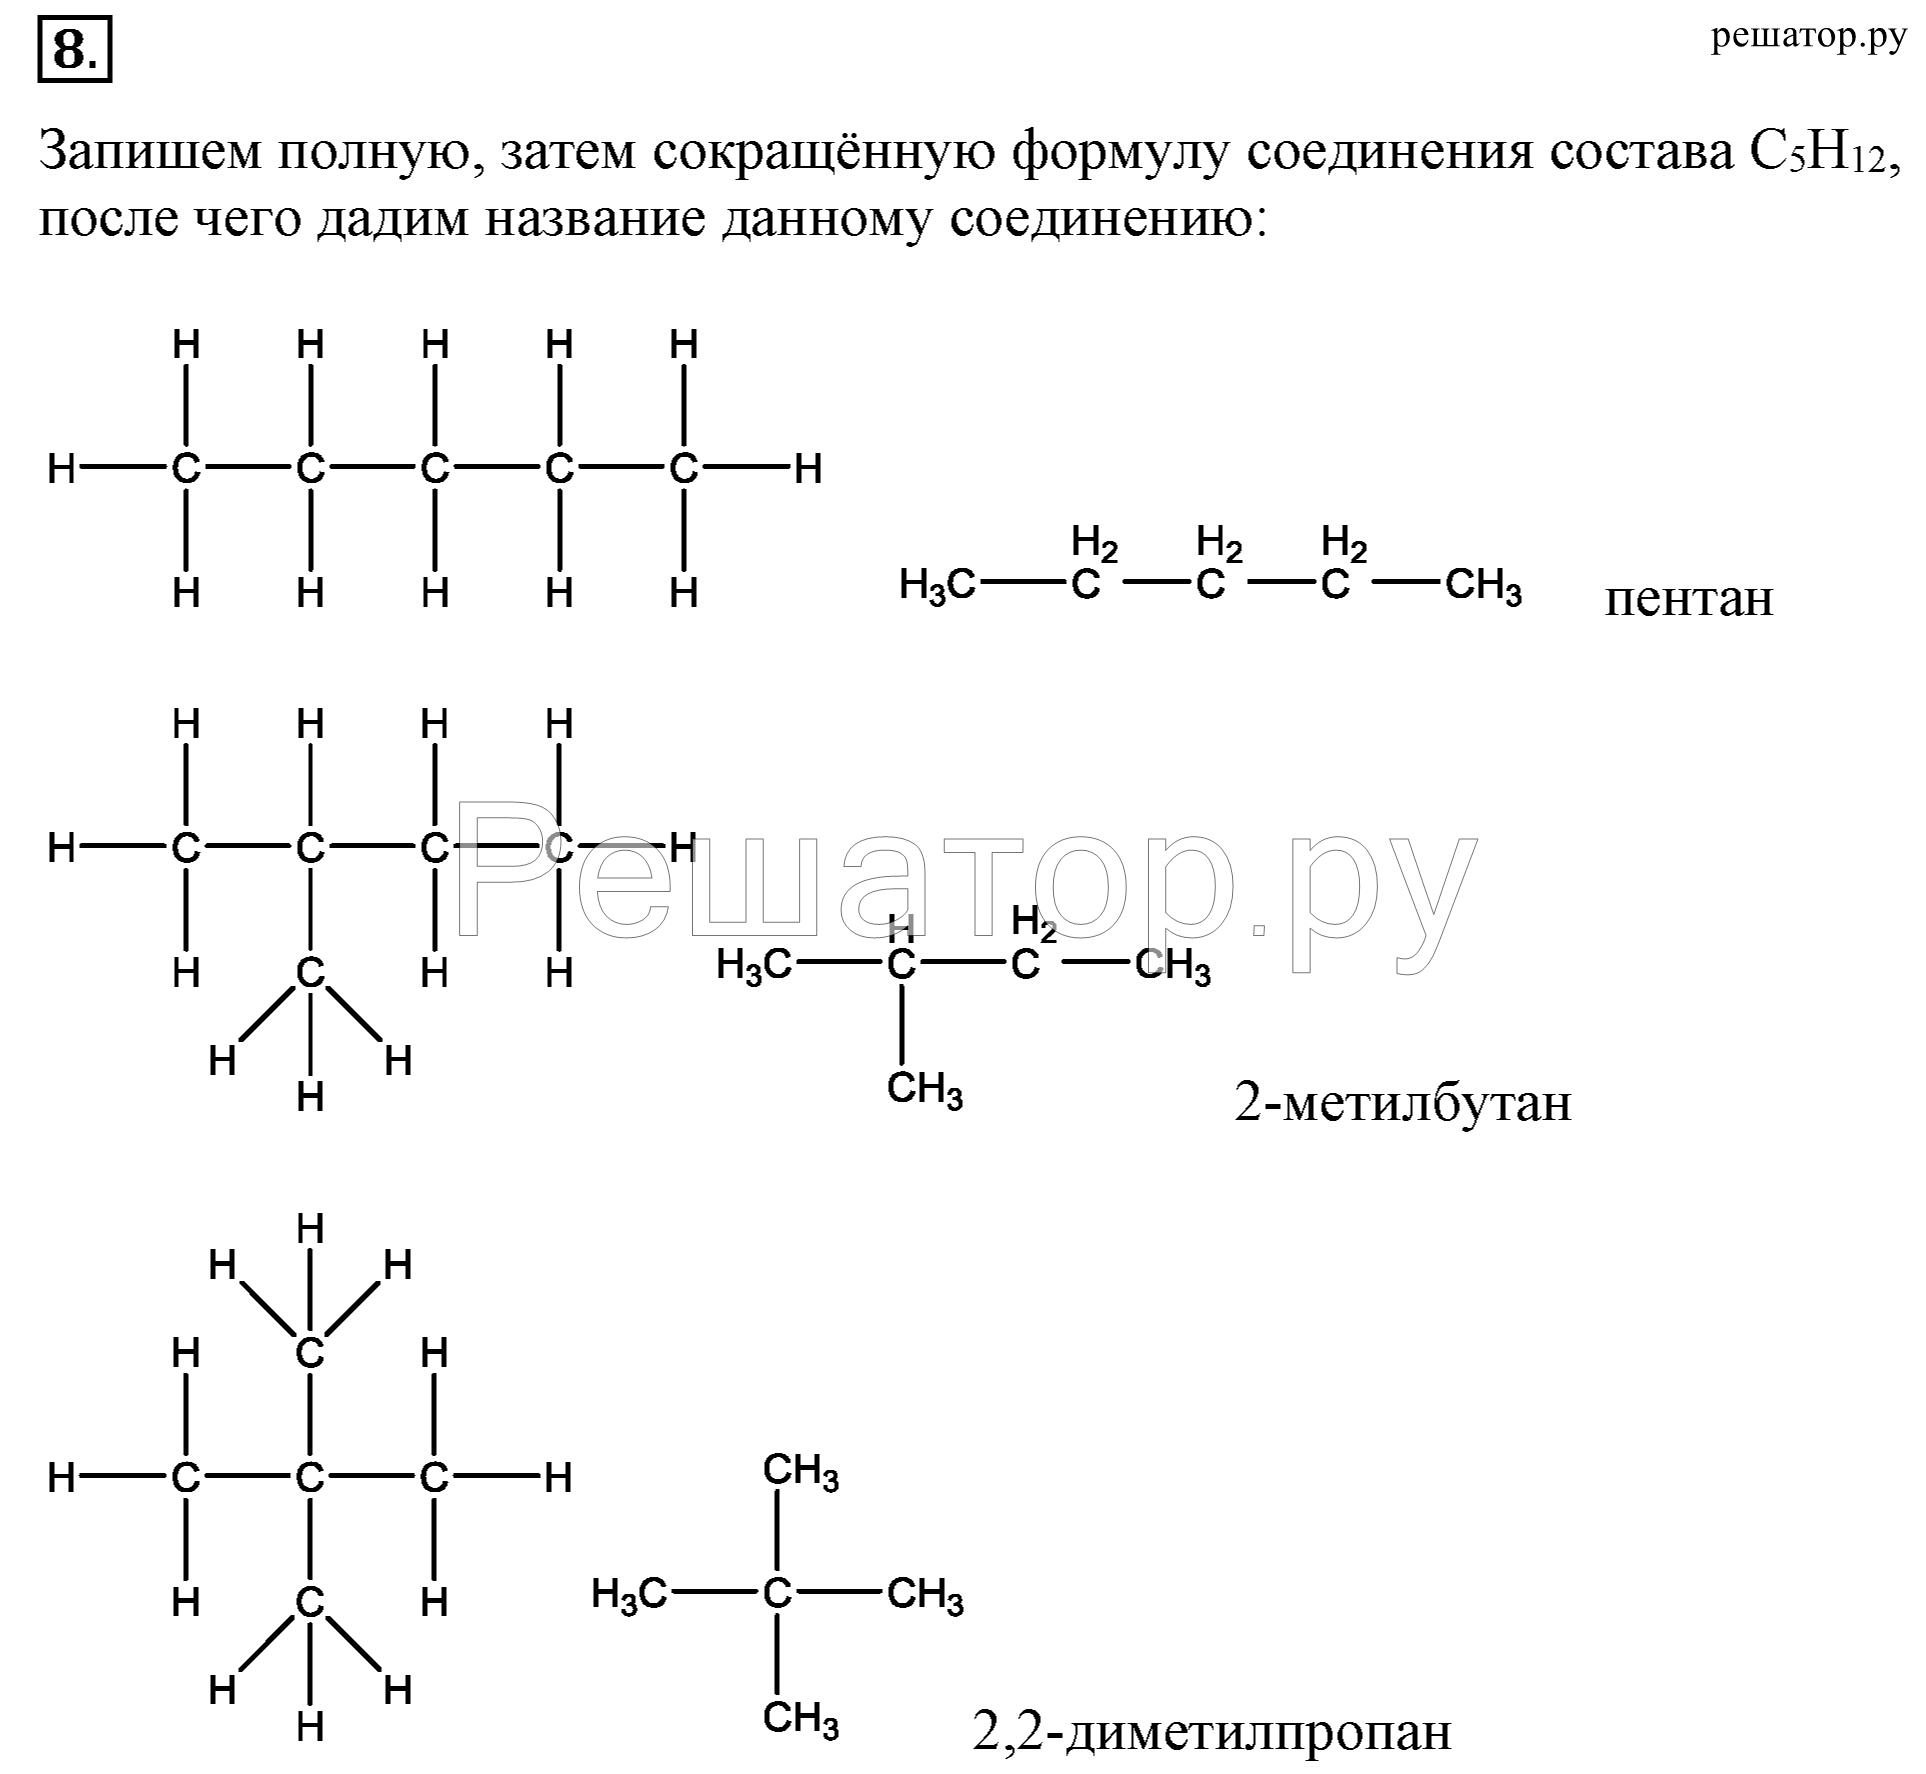 Гдз по химии базовый уровень 11 класс онлайн